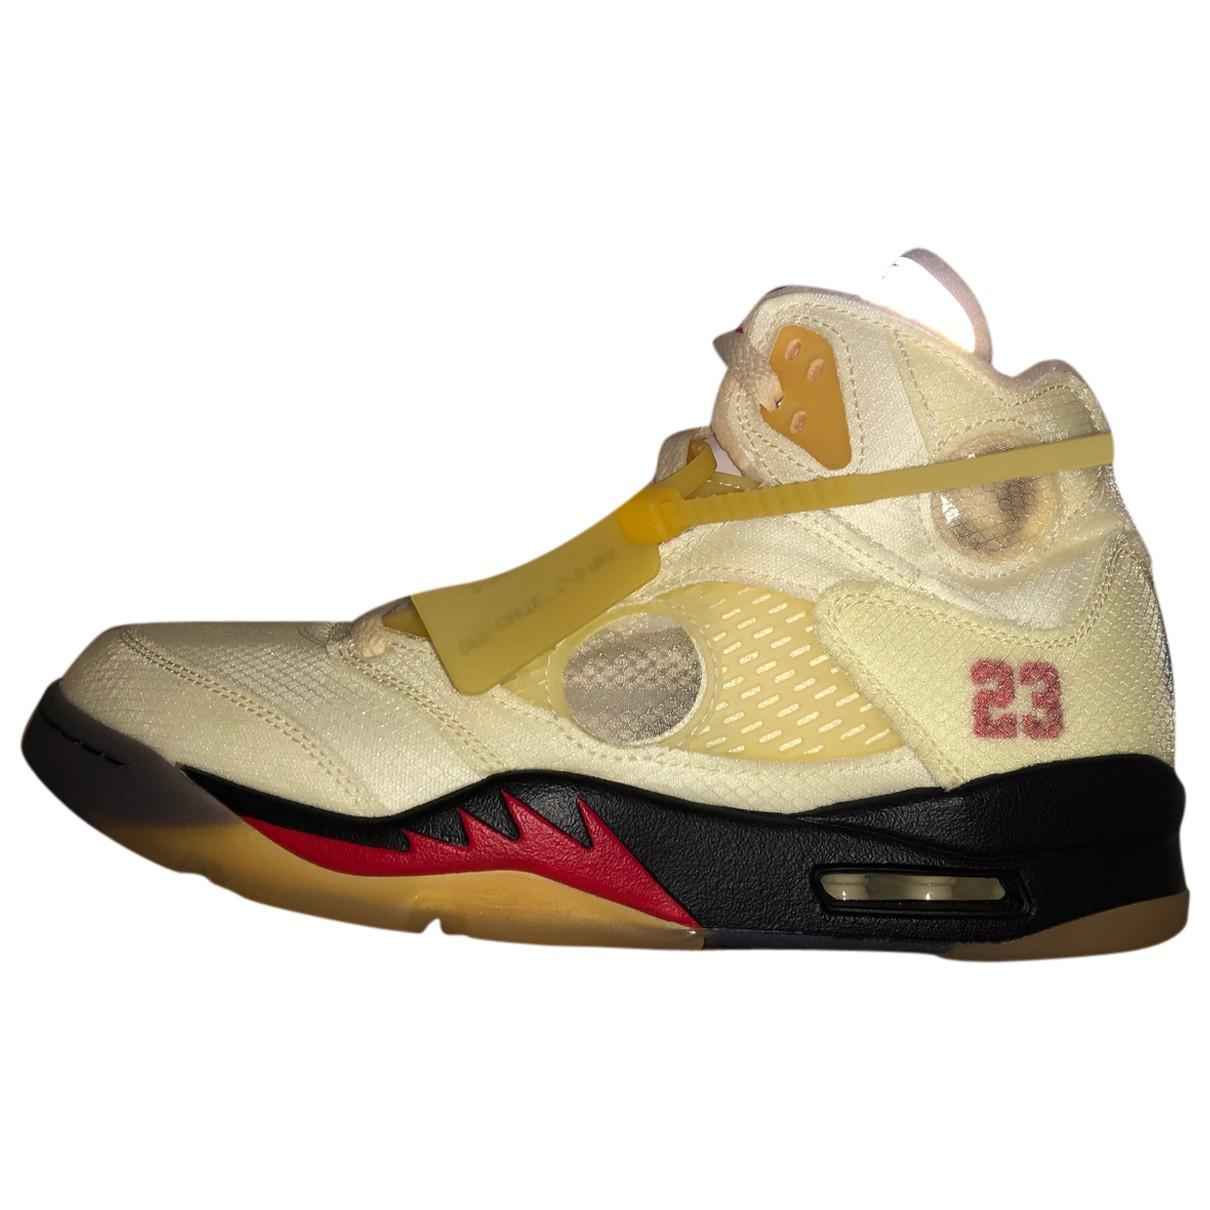 Jordan - Baskets   pour homme en autre - beige